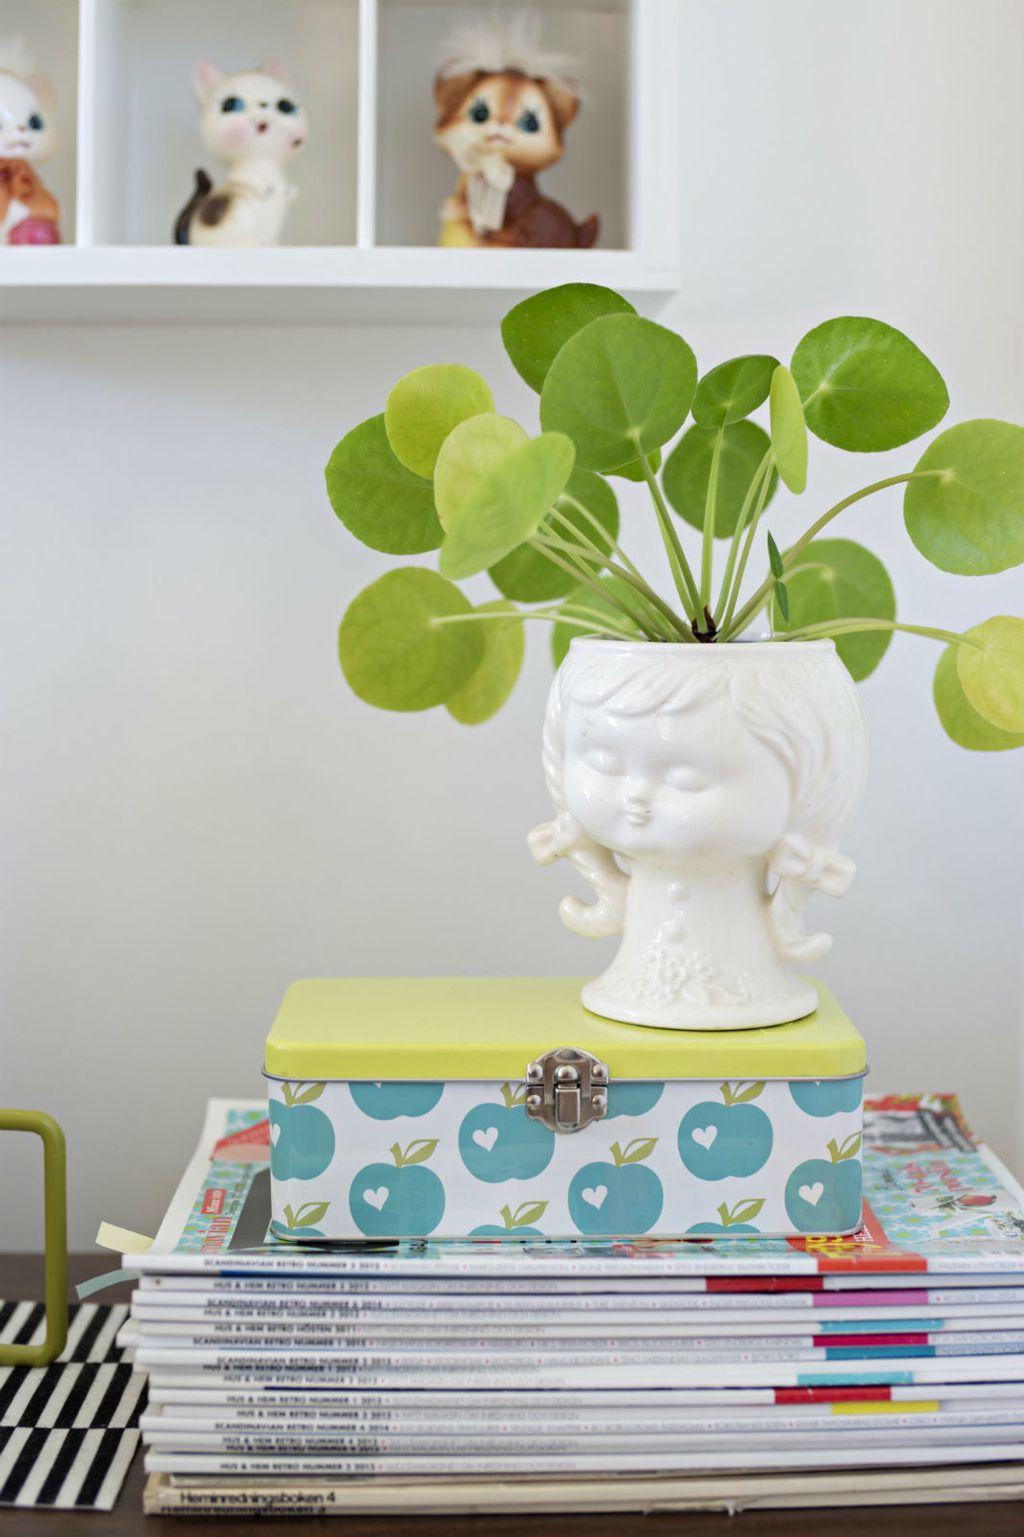 Pilea peperomioides (Kineski dolar) je biljka koja privlači energiju bogatstva i blagostanja - 4